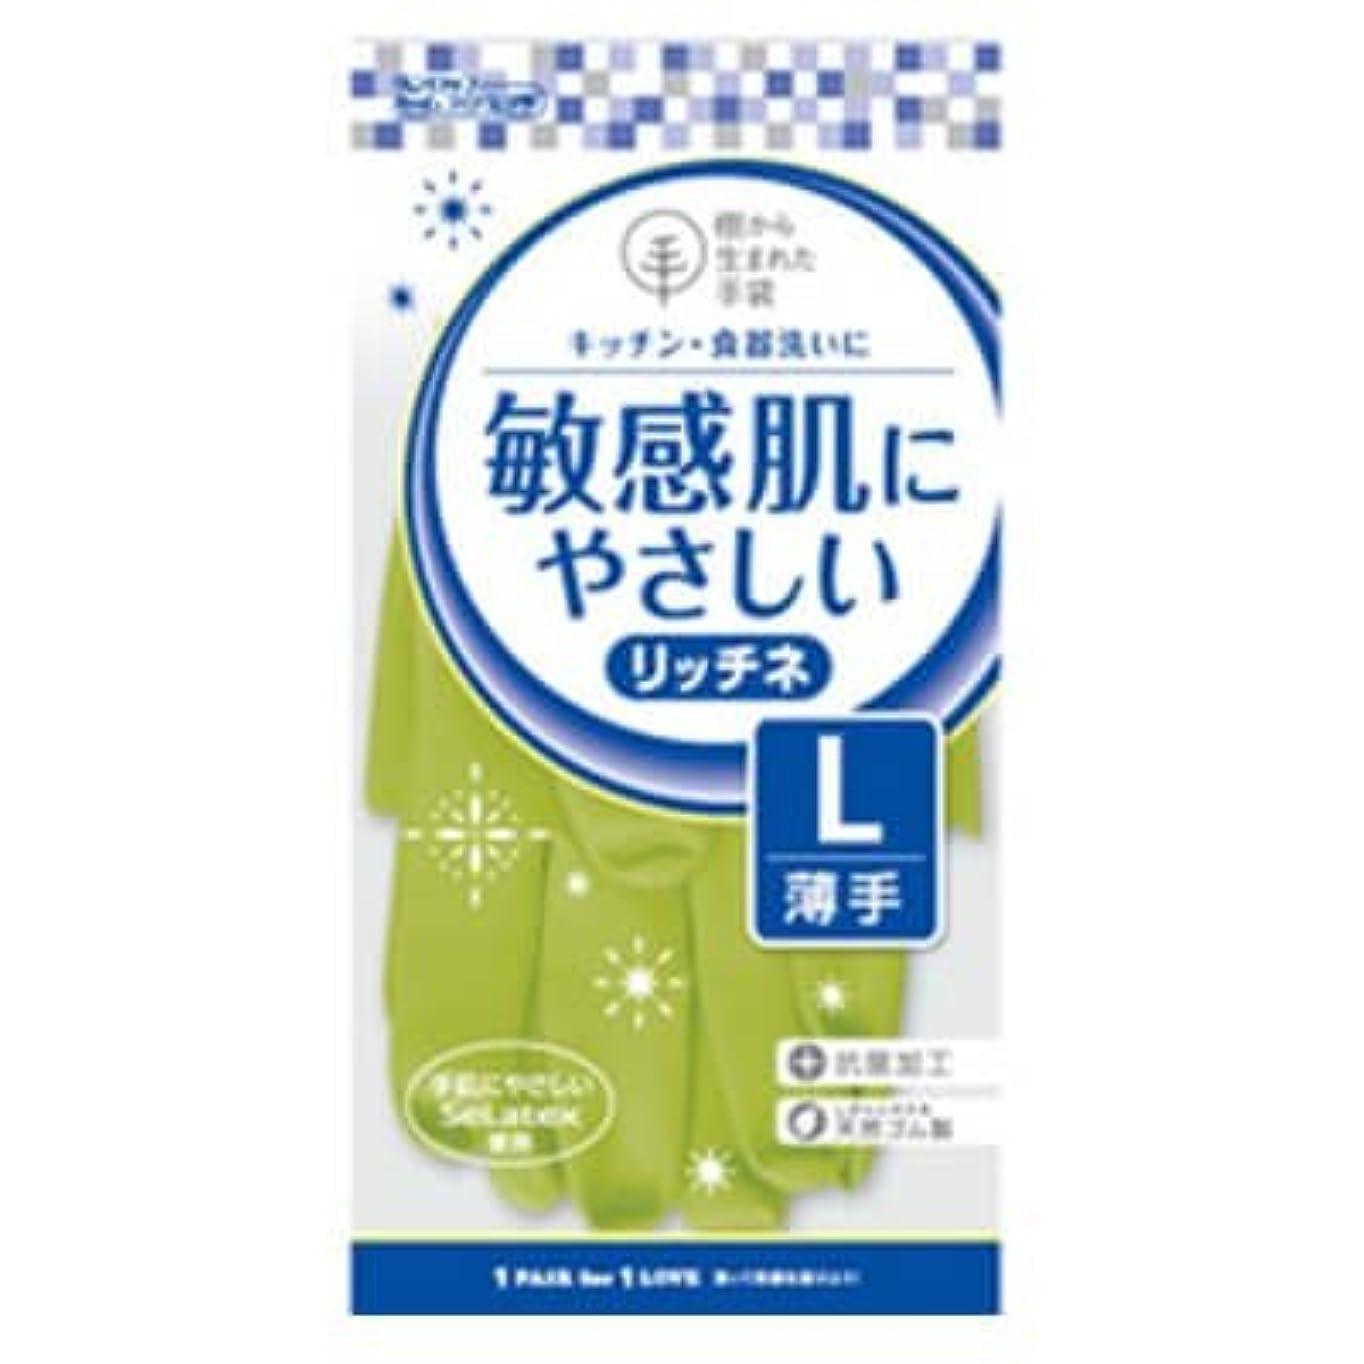 外科医アパートチップ【ケース販売】 ダンロップ 敏感肌にやさしい リッチネ 薄手 L グリーン (10双×24袋)